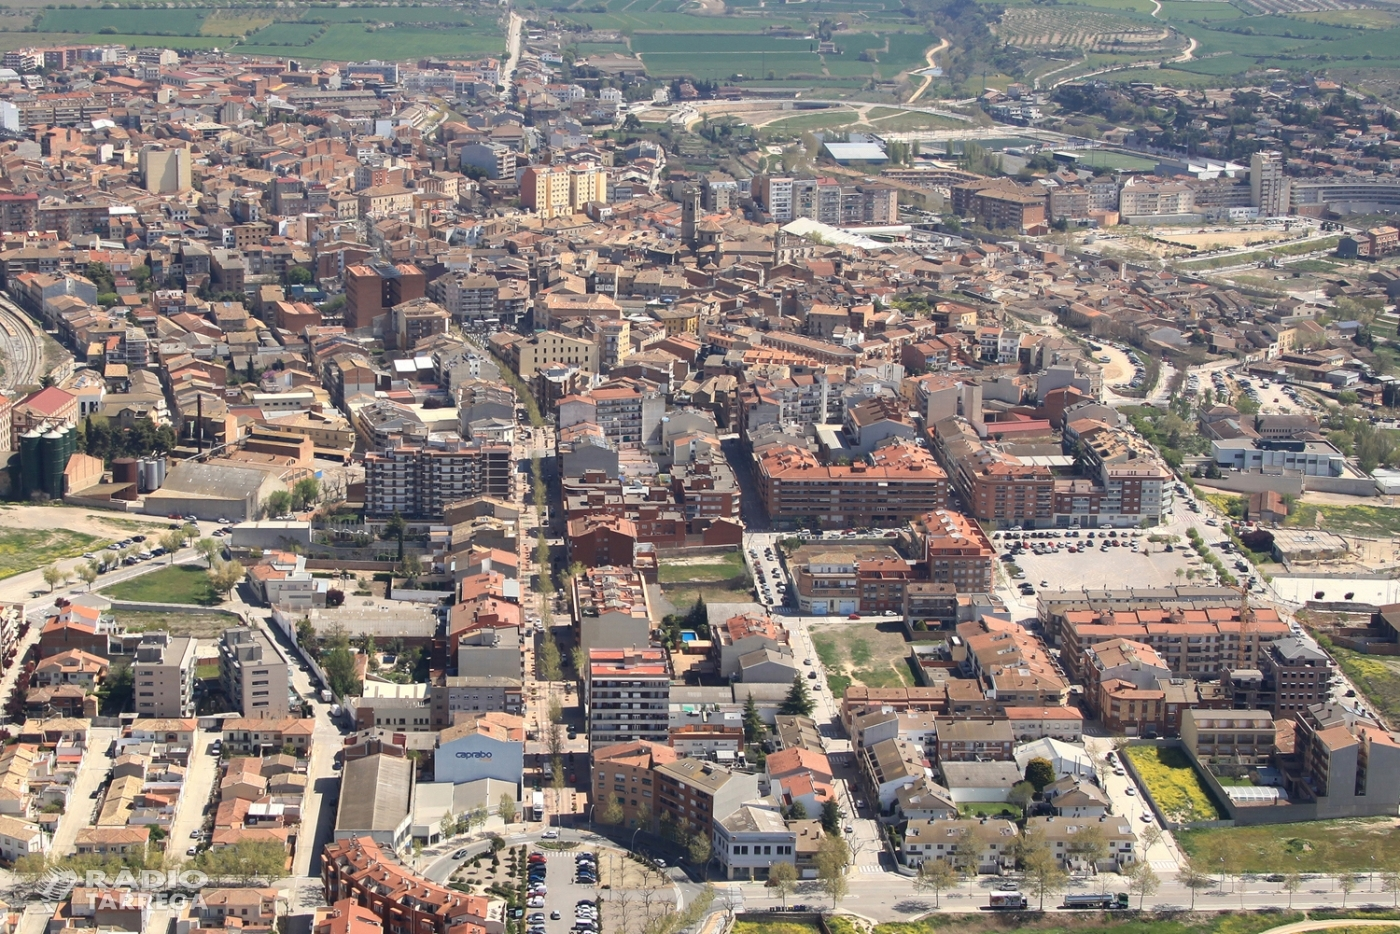 El Departament de Salut confirma quatre nous casos positius de coronavirus al municipi de Tàrrega